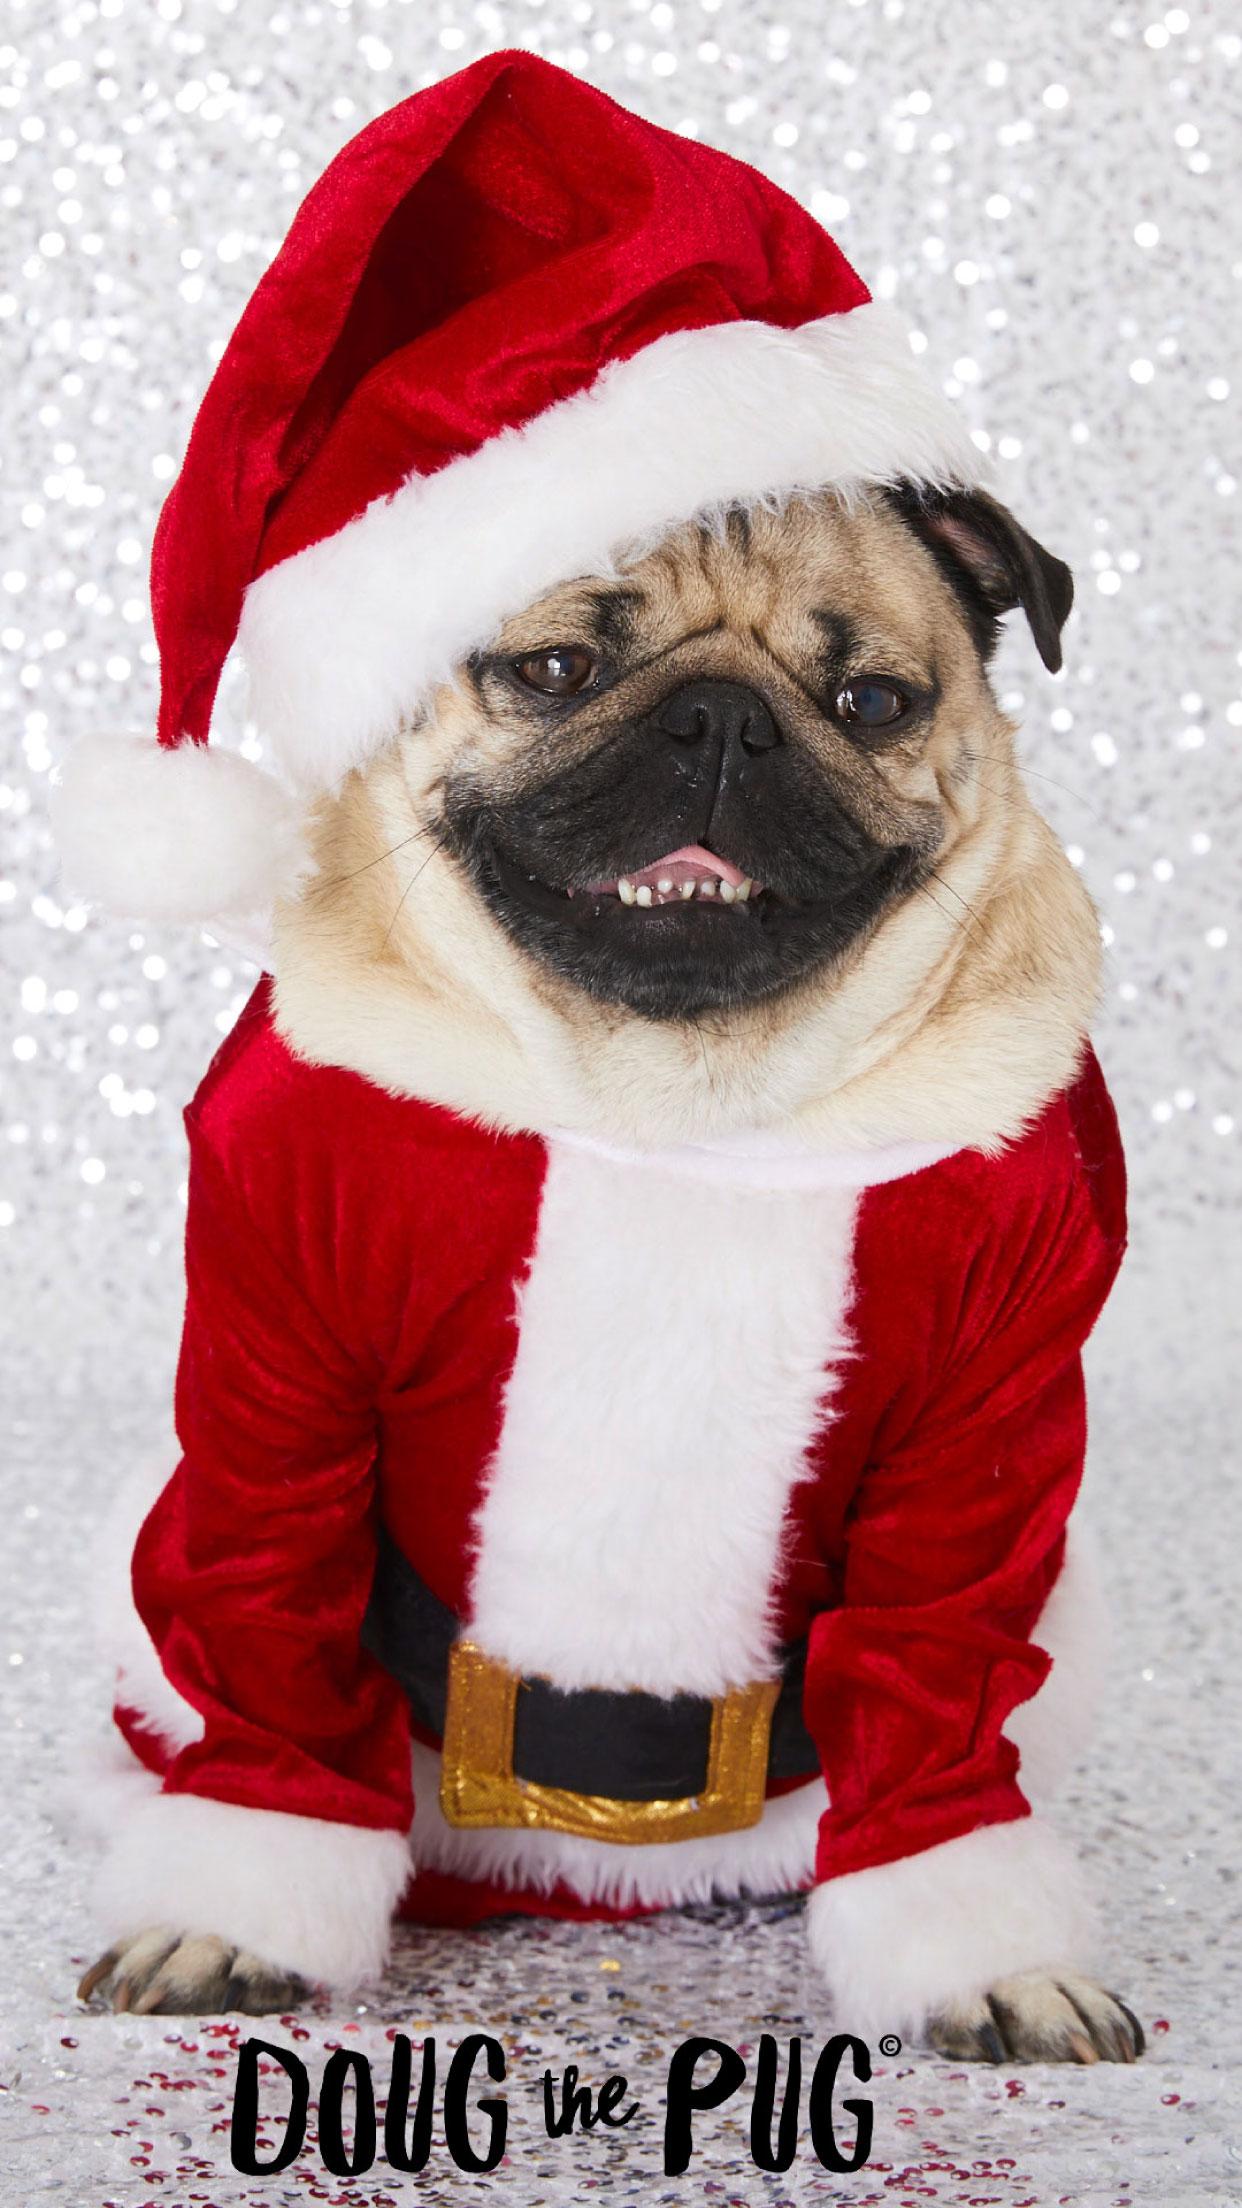 FREE Doug the Pug Christmas Wallpapers   ClairesBlog 1242x2208